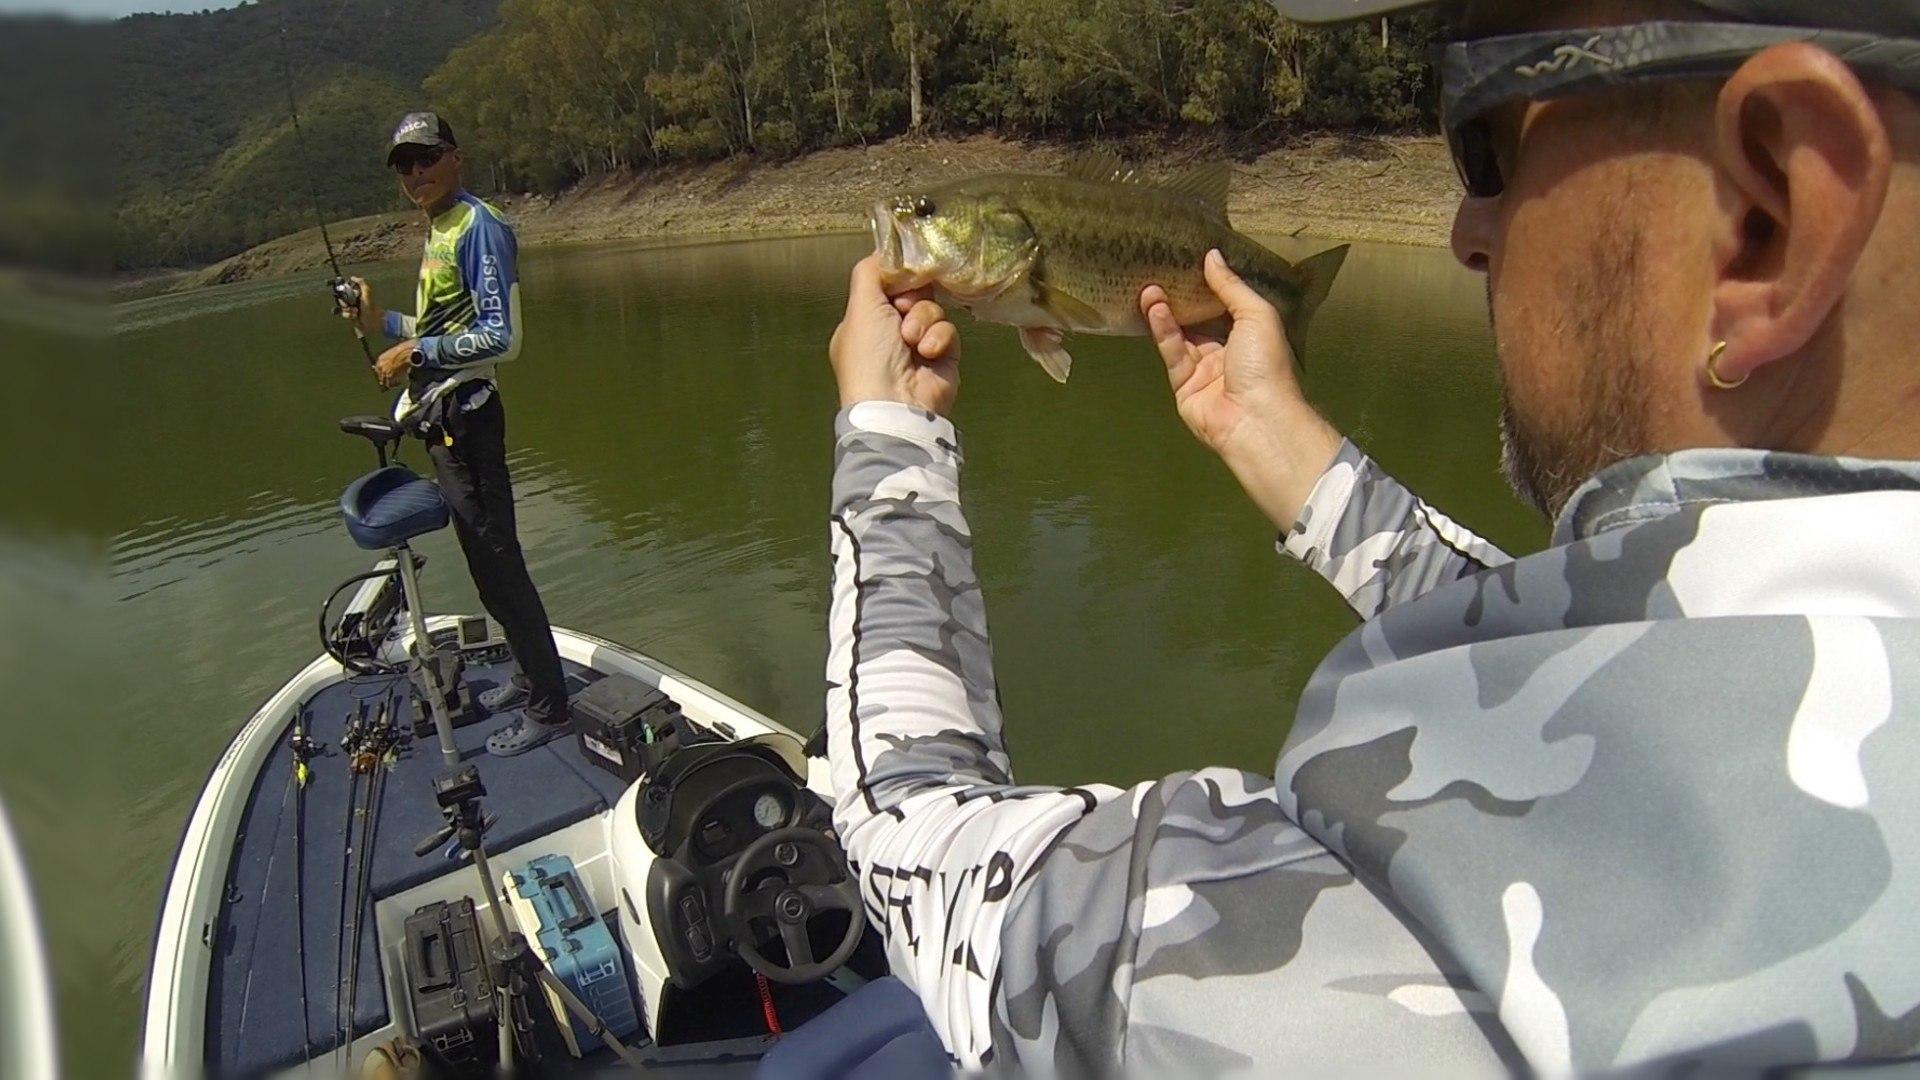 Caccia e PESCA Il bassfishing del mio migliore amico 1 - 1^TV